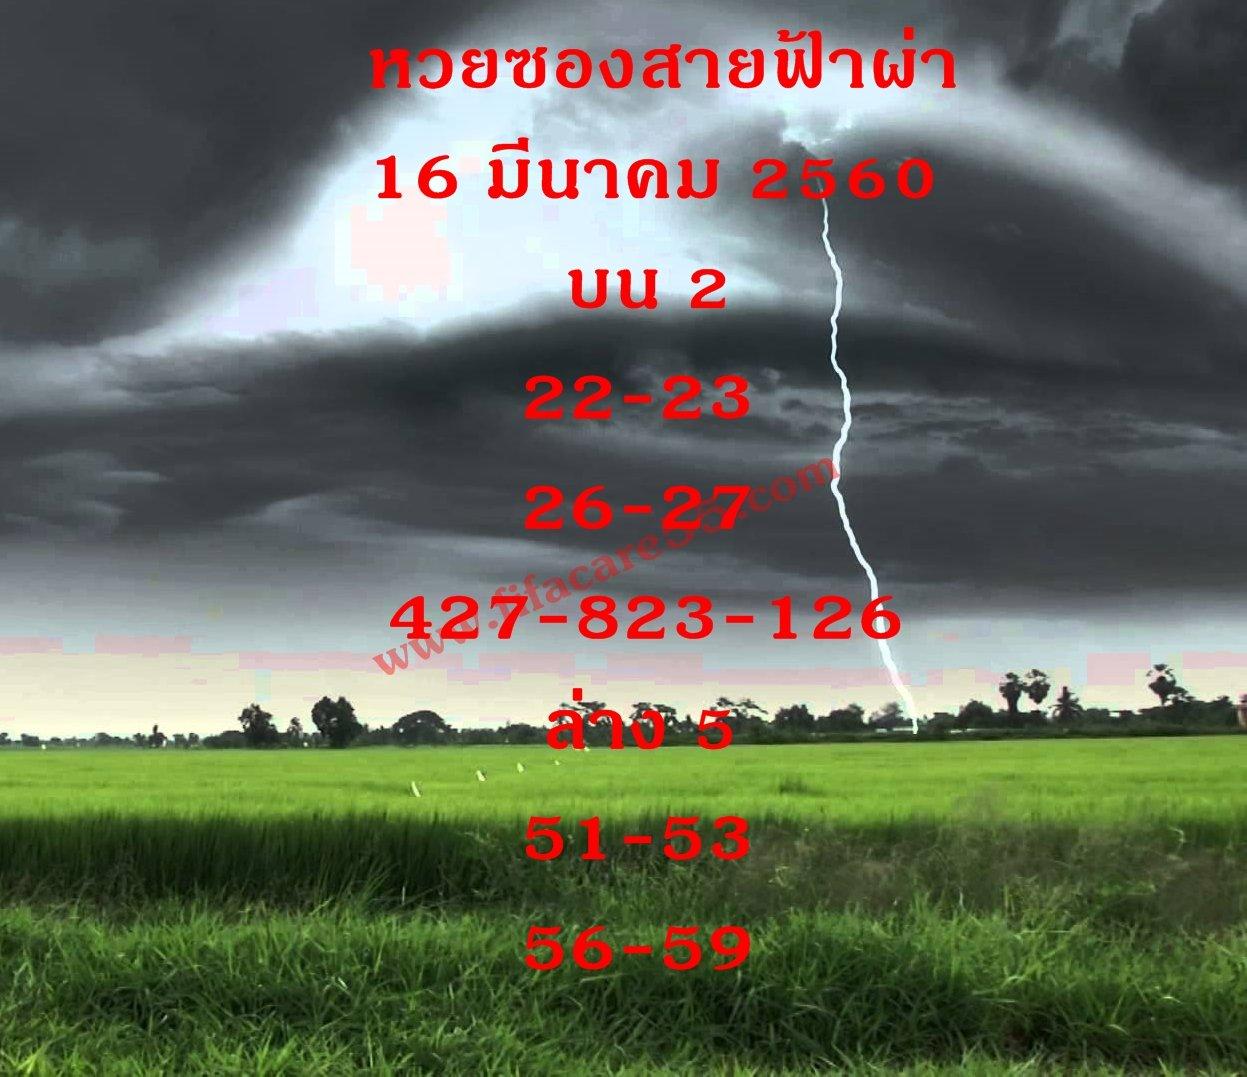 หวยเด็ด หวยซองสายฟ้าผ่า งวด 16 มีนาคม 2560